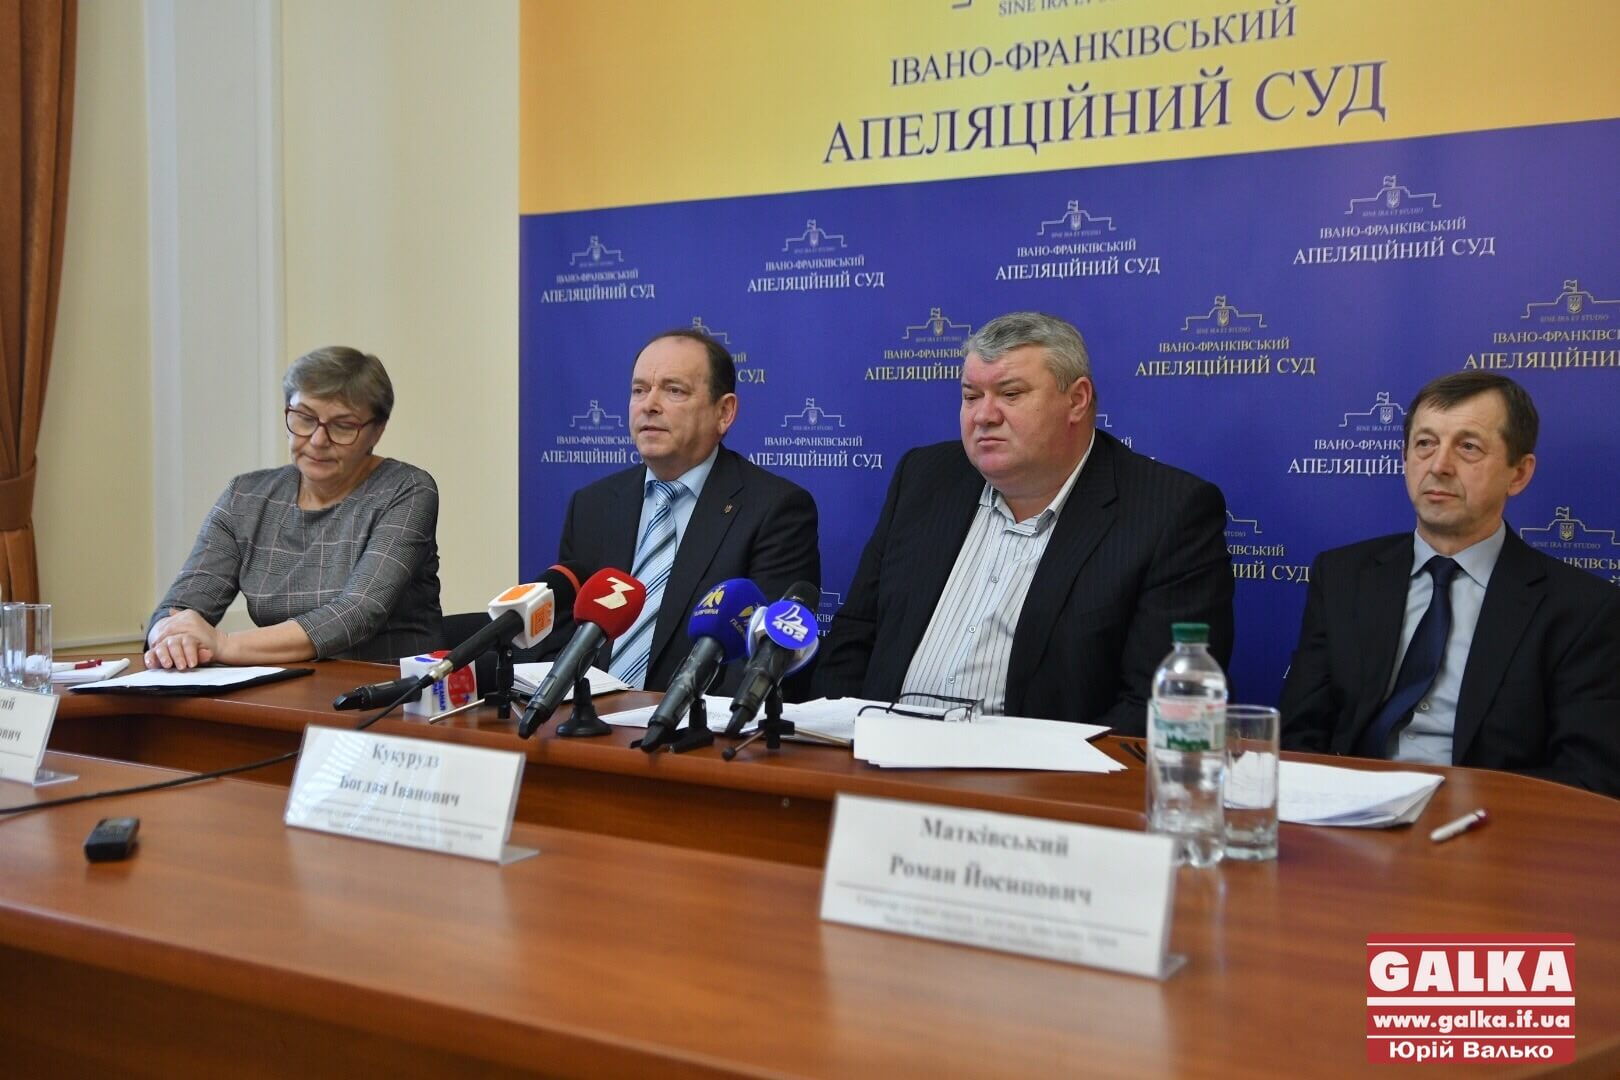 В Івано-Франківському апеляційному суді зберігається кадрова криза (ФОТО)